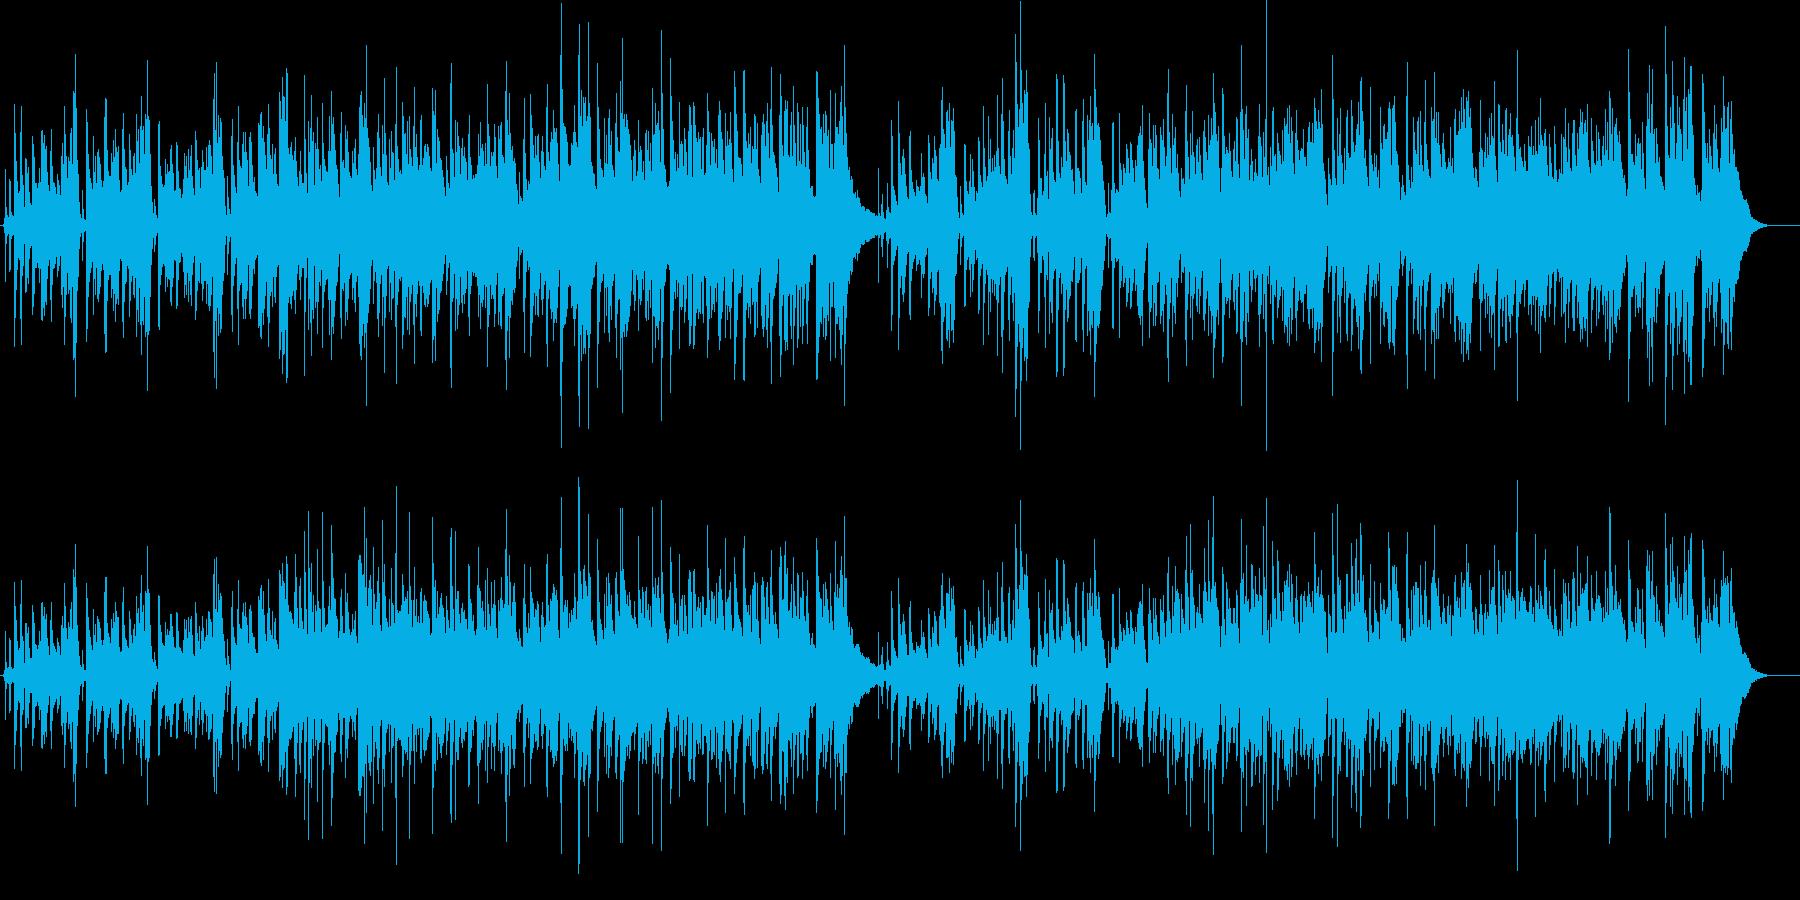 アコギバラード 90's洋楽オルタナUKの再生済みの波形